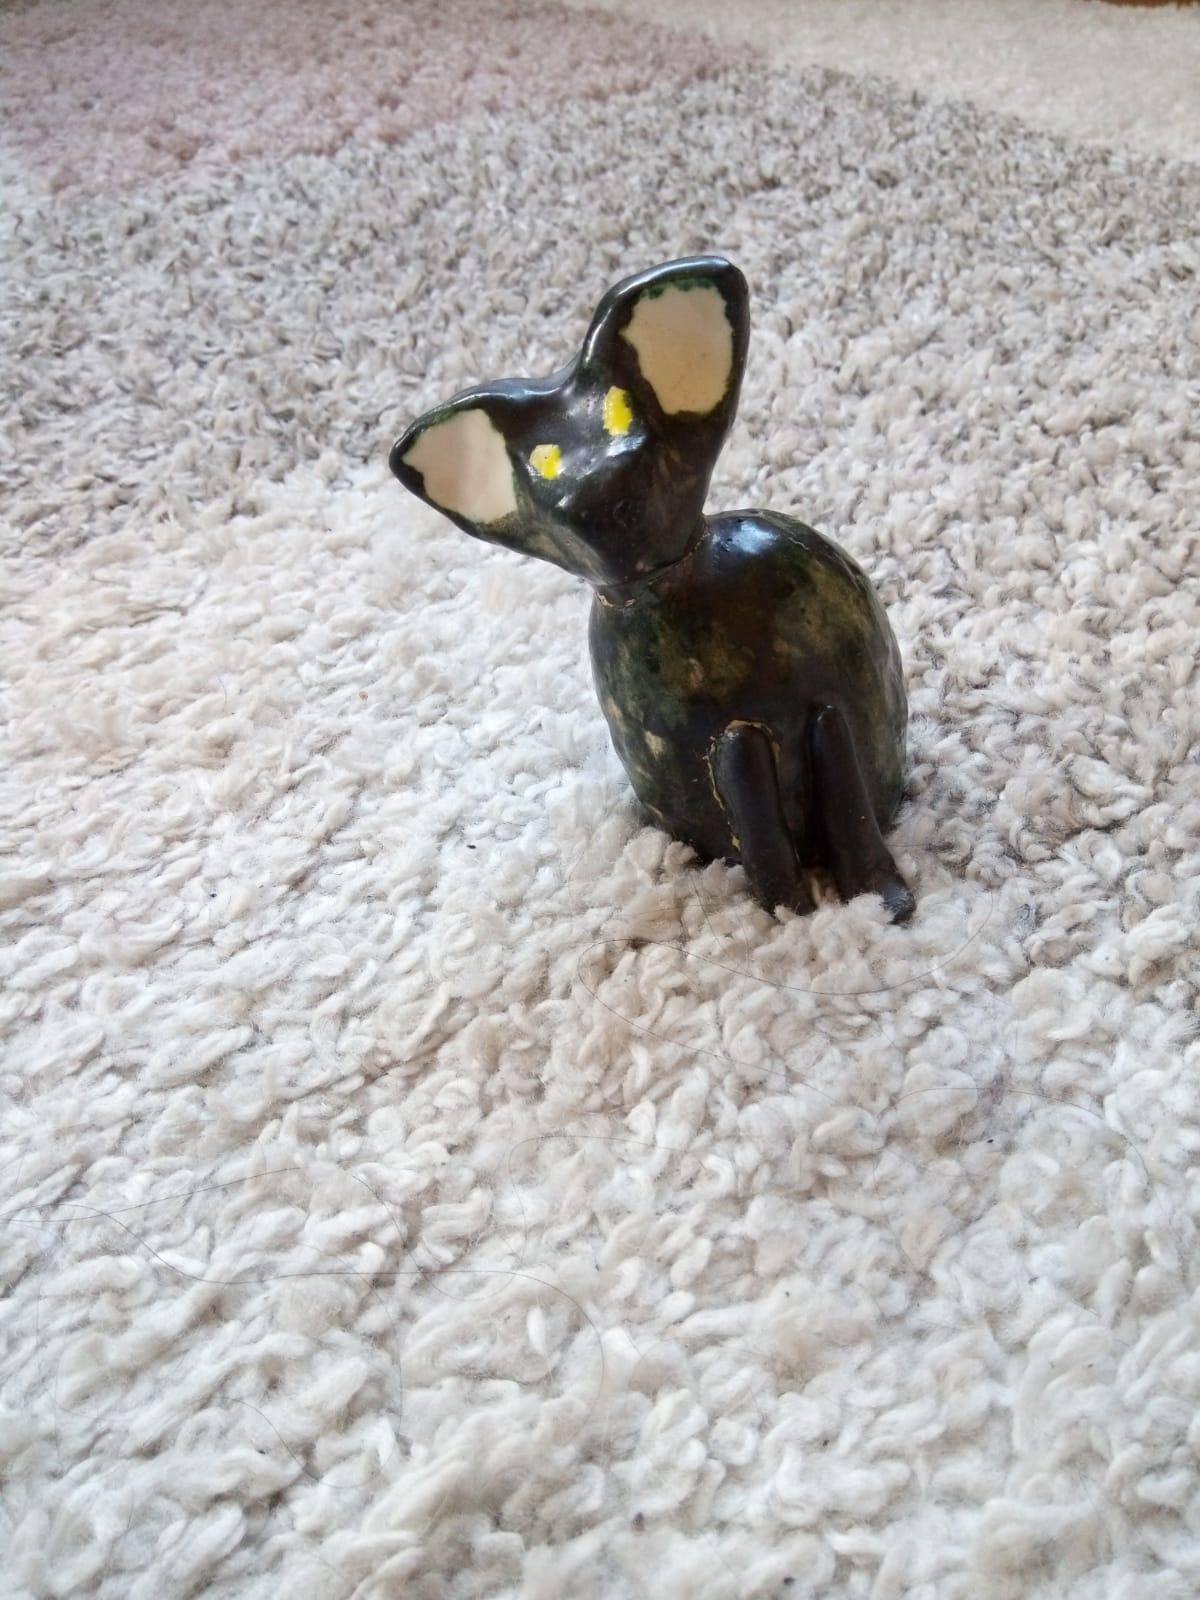 En katt i keramik med svart glasyr och gula ögon